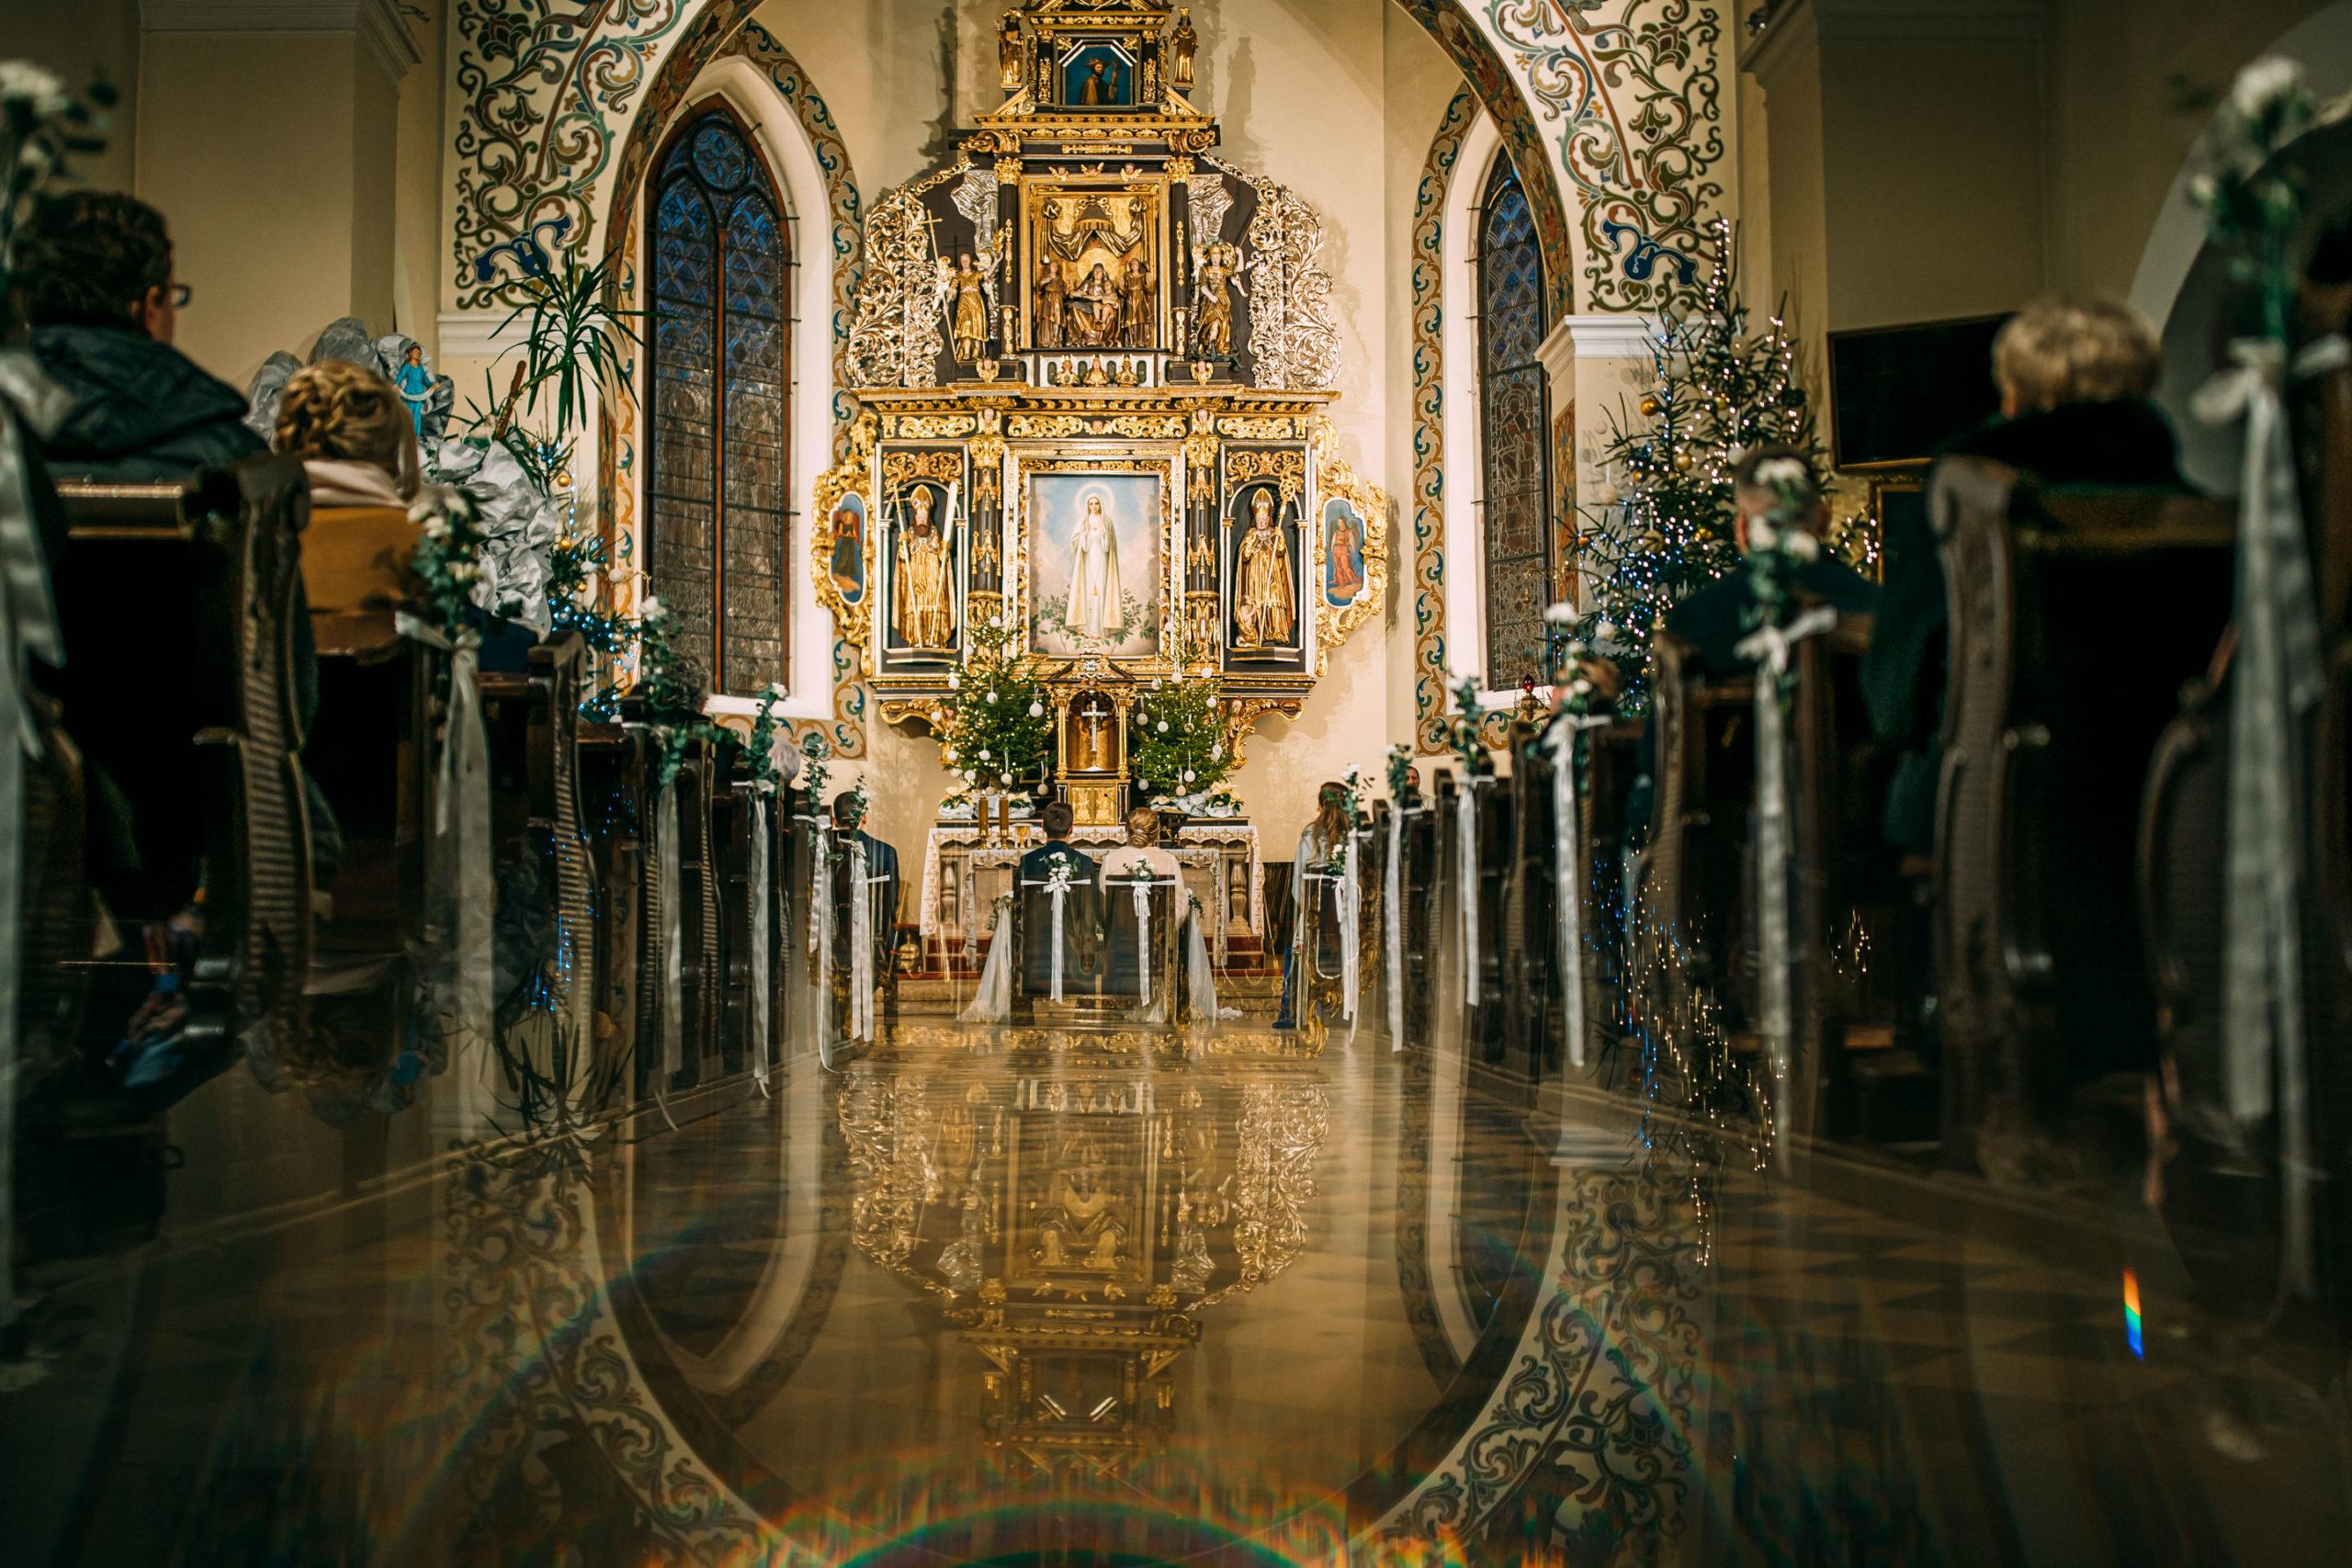 Ceremonia Ślubna Kościół Jakuba Apostoła Miłosław Fotografia Ślubna Love Needs